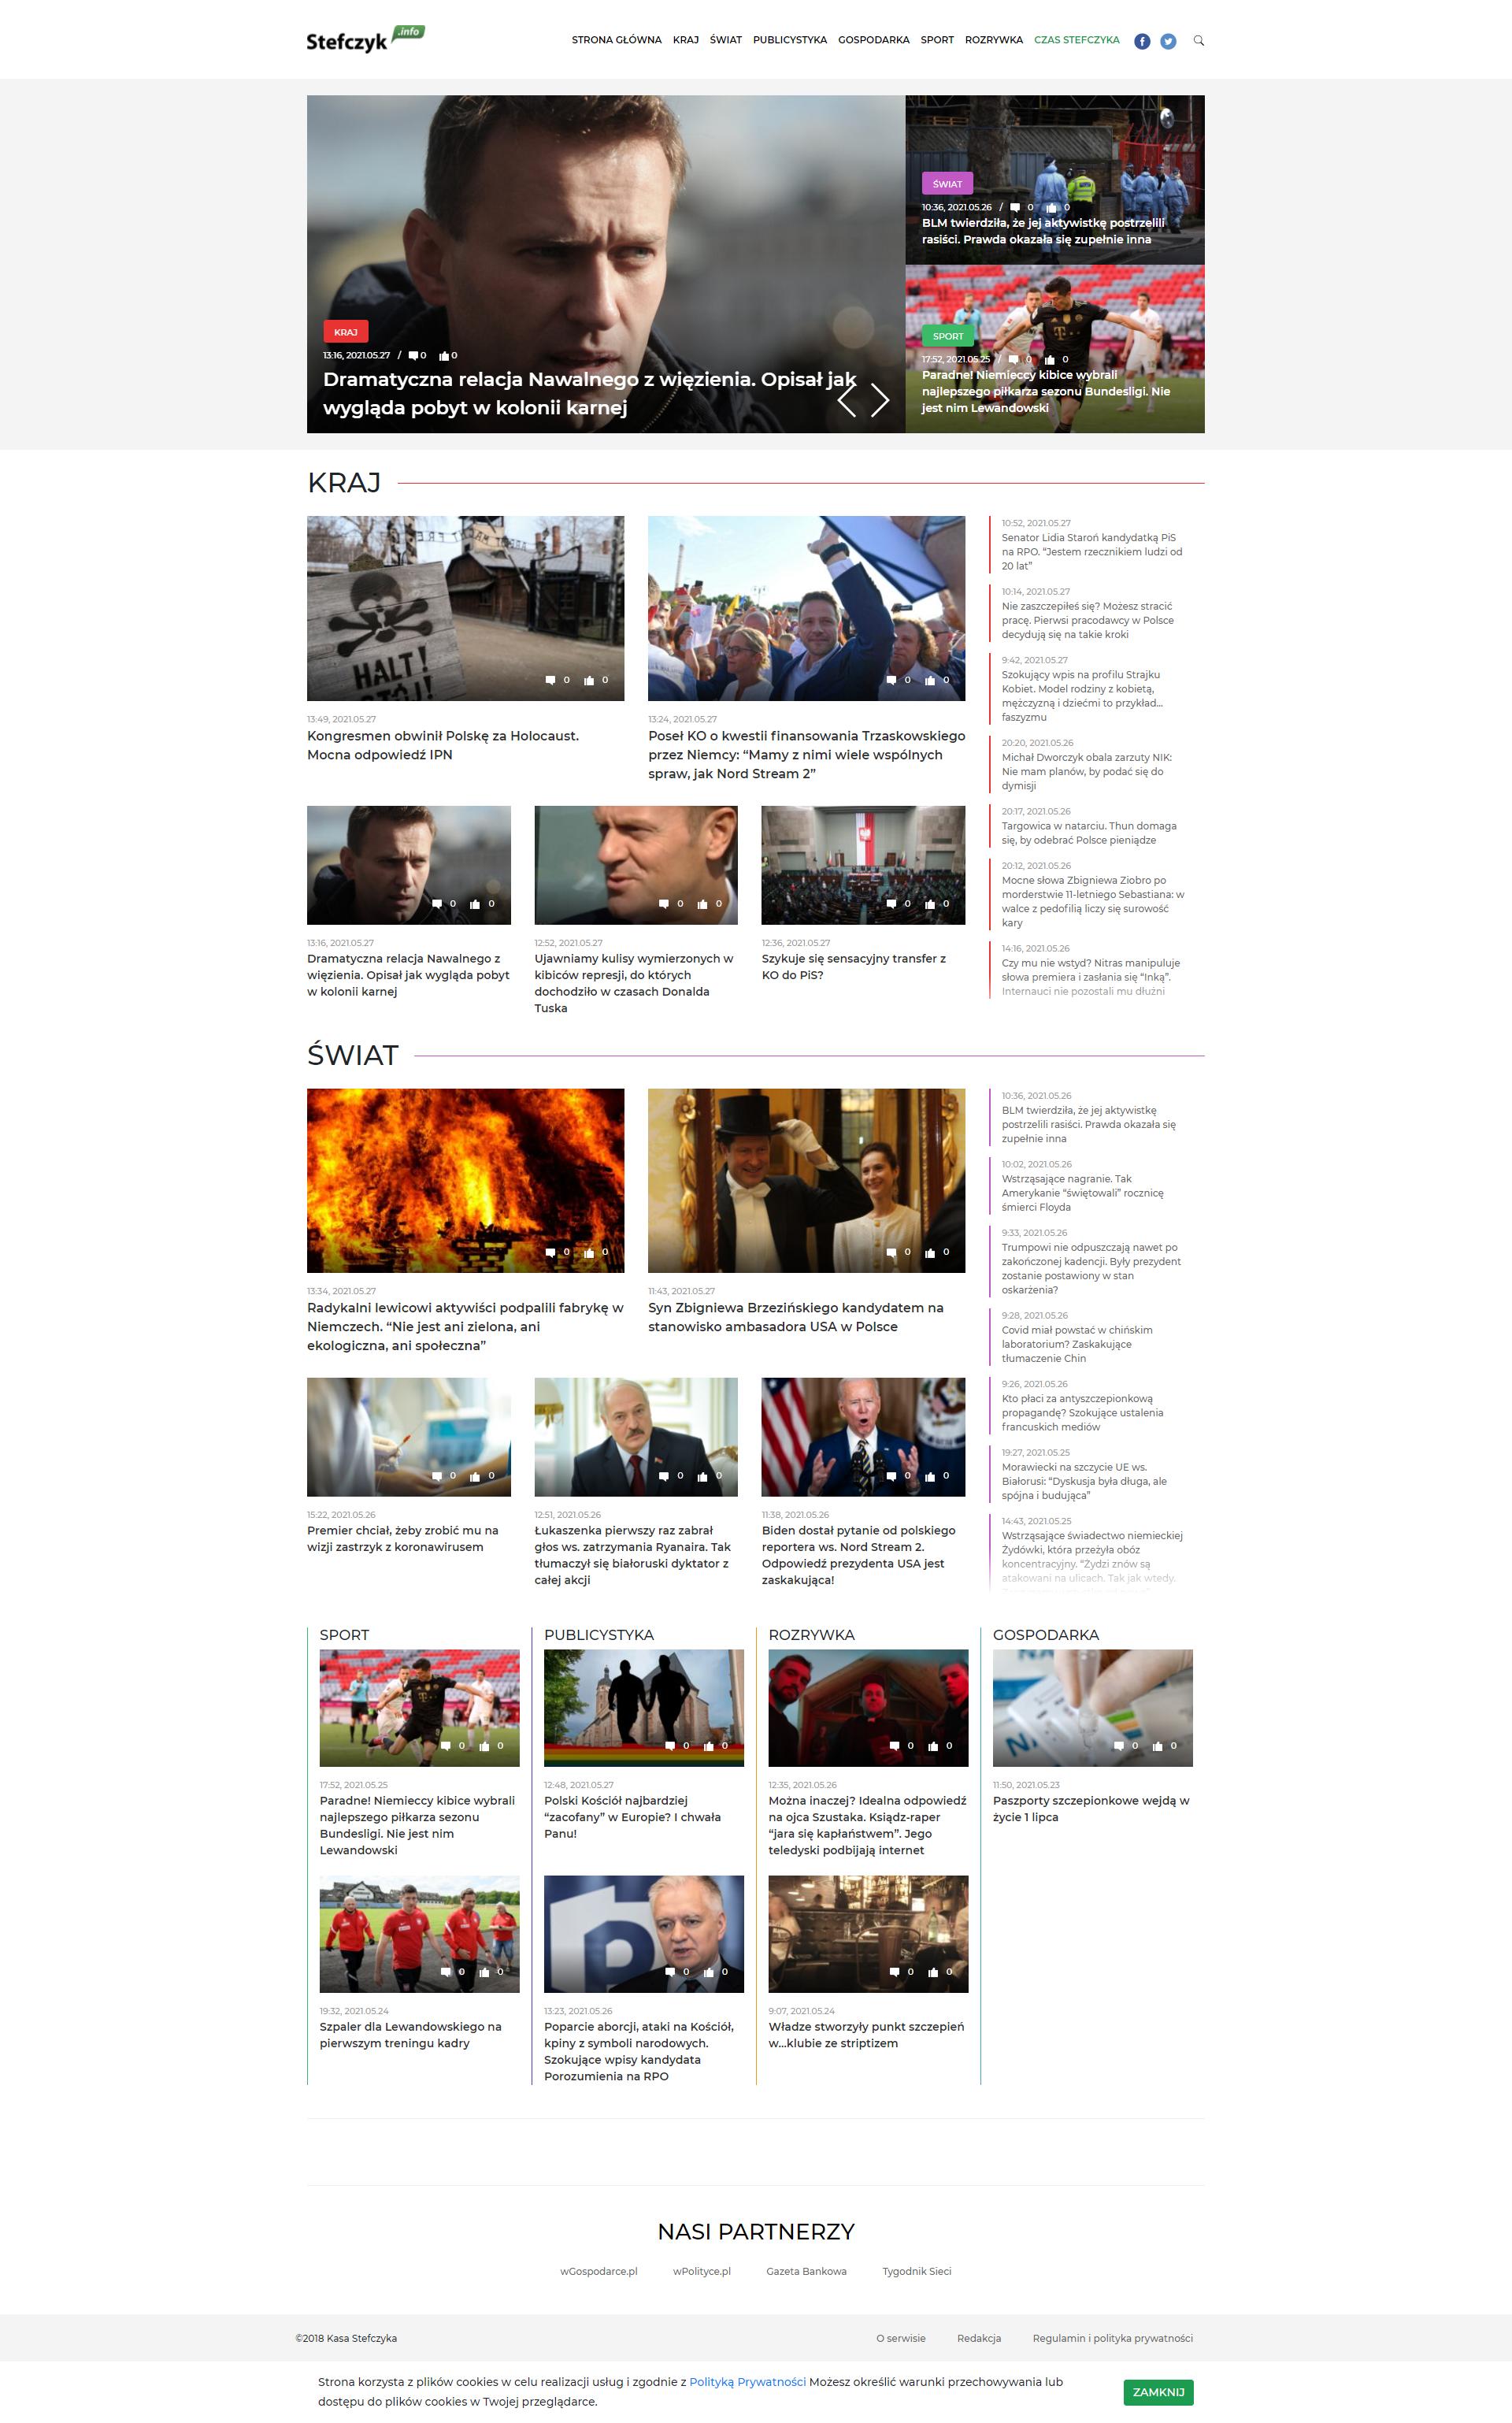 portfolio/091/056691/FireShot_Capture_251_-_Wiadomości_z_Polski_i_Świata__Stefczyk.info__Stefczyk.info_to_serwi__-_www.stefczyk.info.png